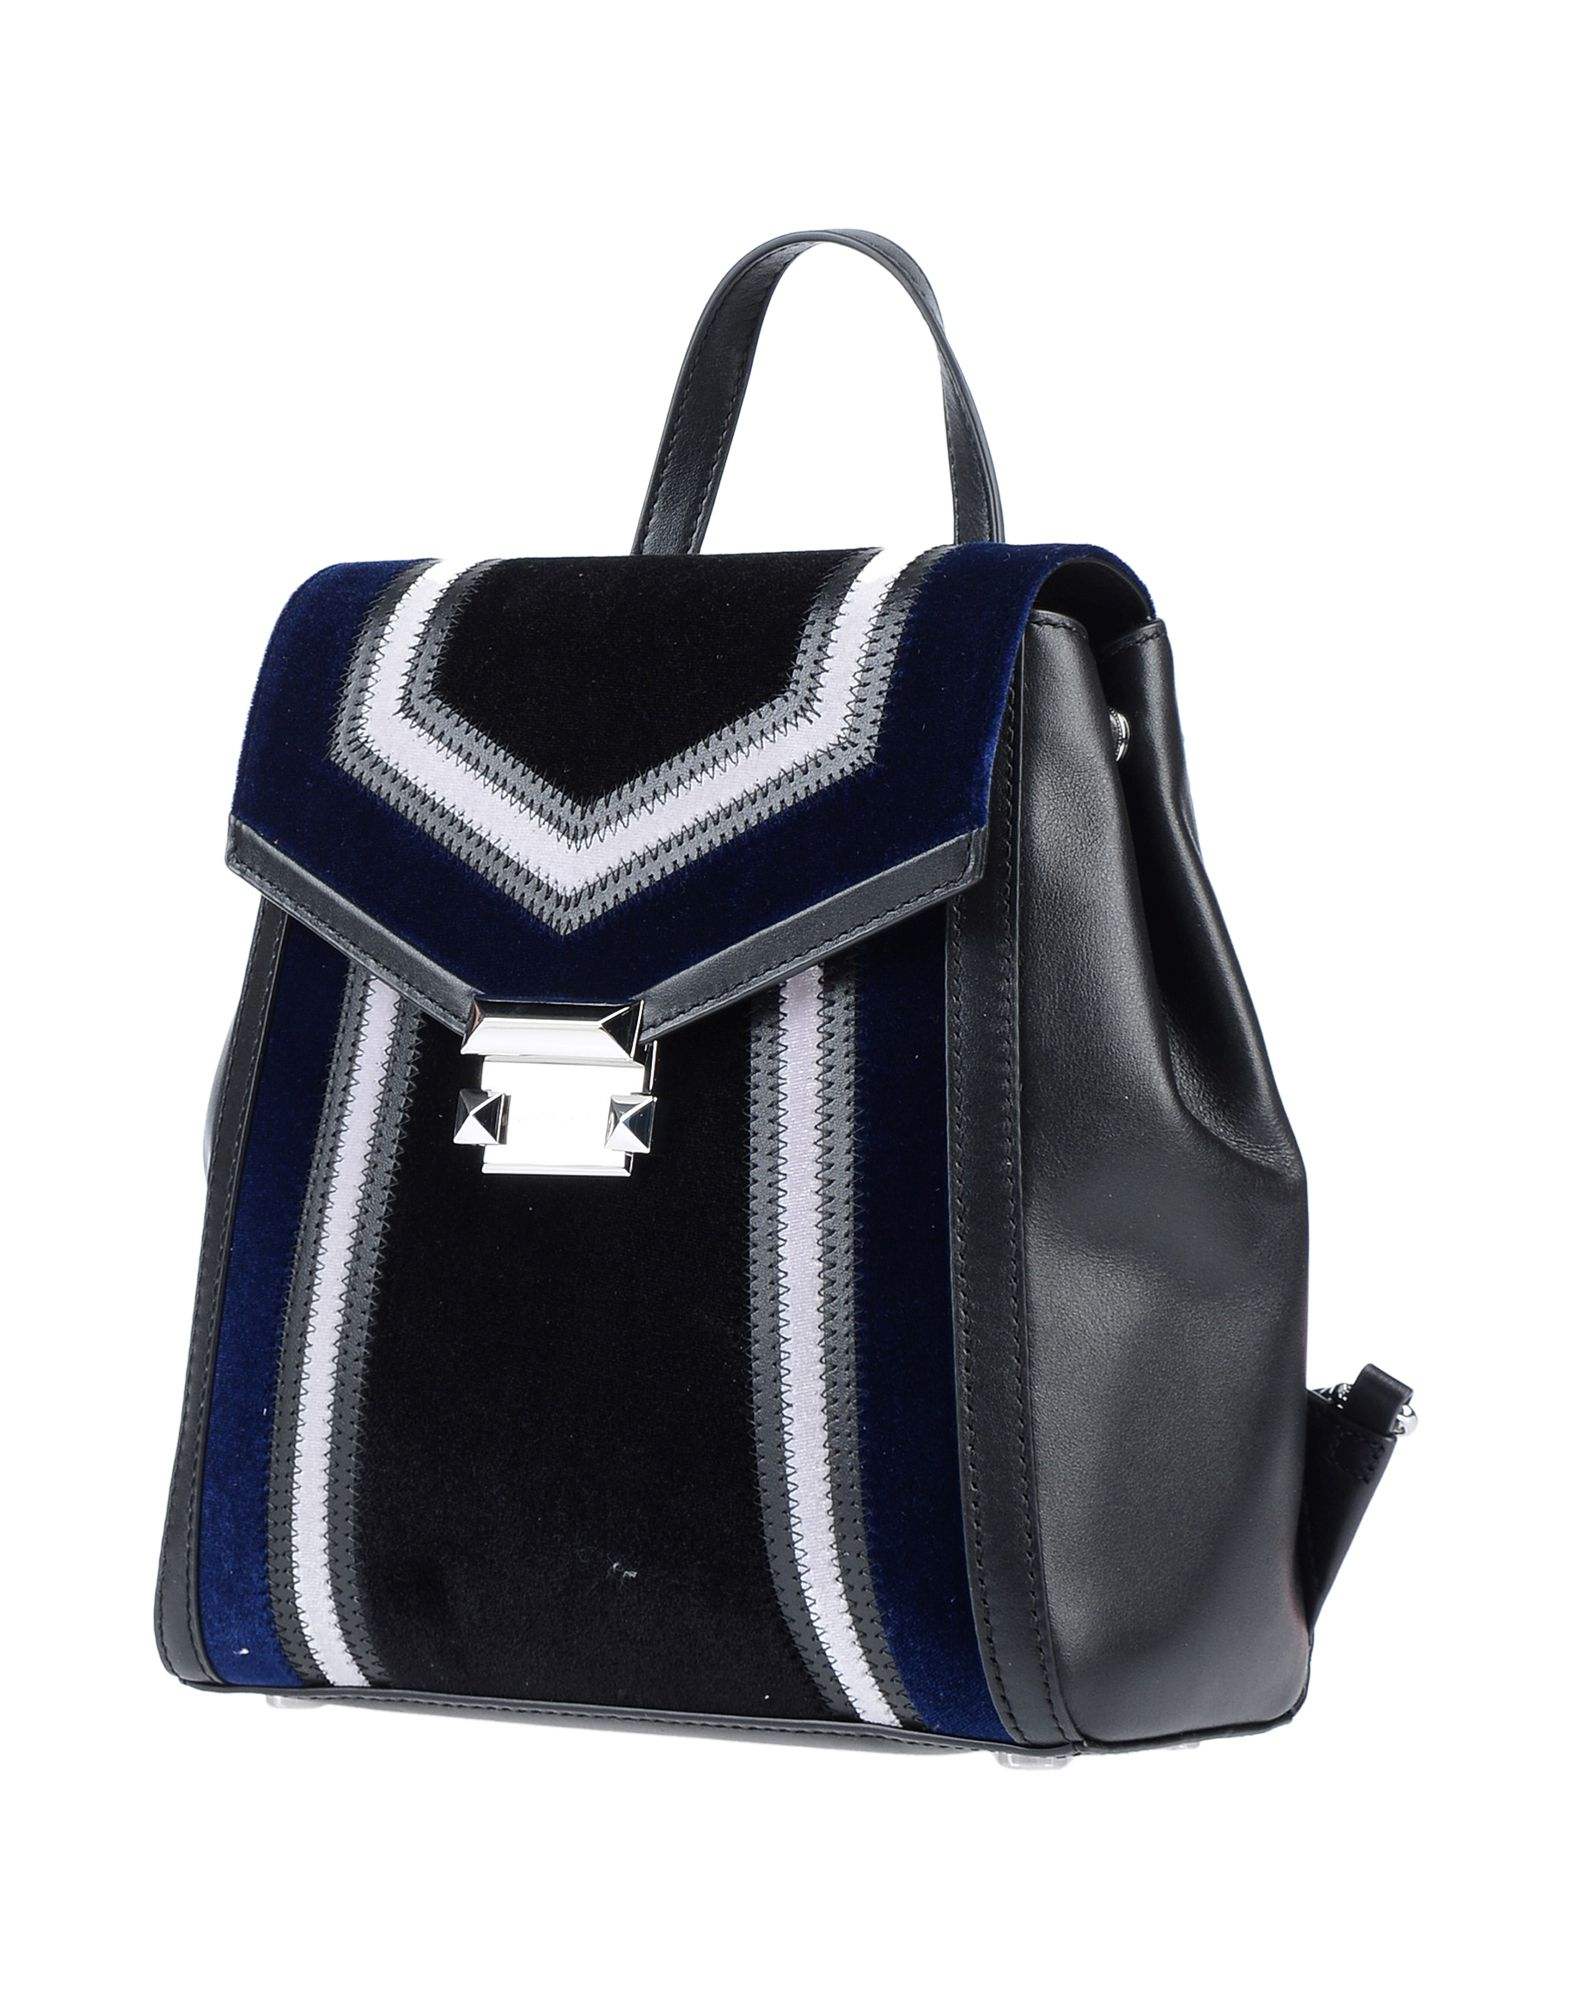 MICHAEL MICHAEL KORS Рюкзаки и сумки на пояс сумки michael kors официальный сайт интернет